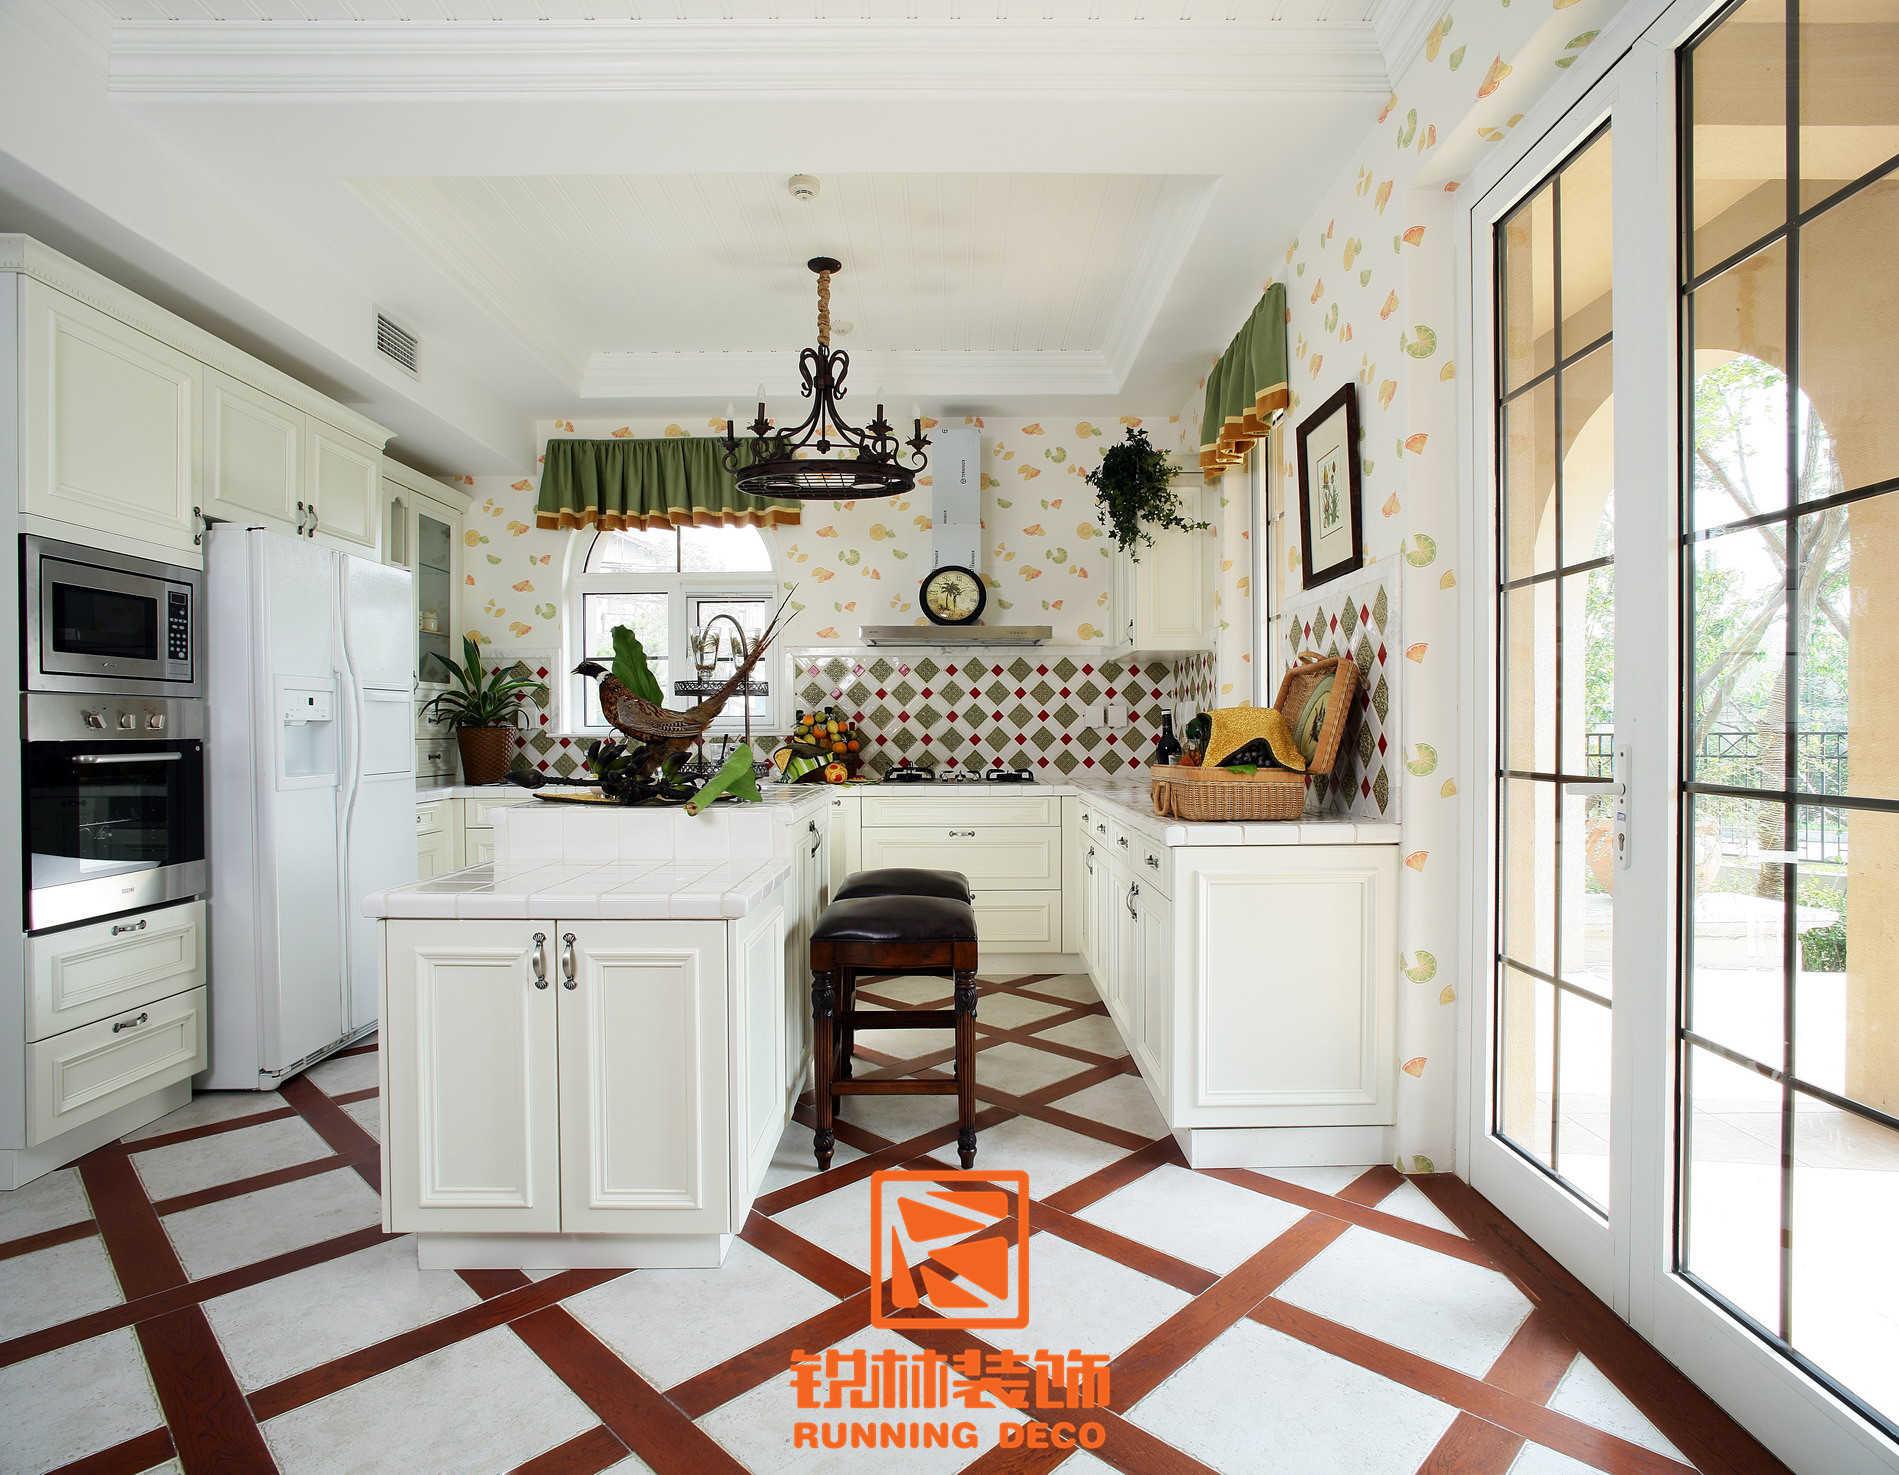 欧式 简约 田园 混搭 二居 三居 别墅 白领 收纳 厨房图片来自天津别墅设计装修在美式乡村风格的分享